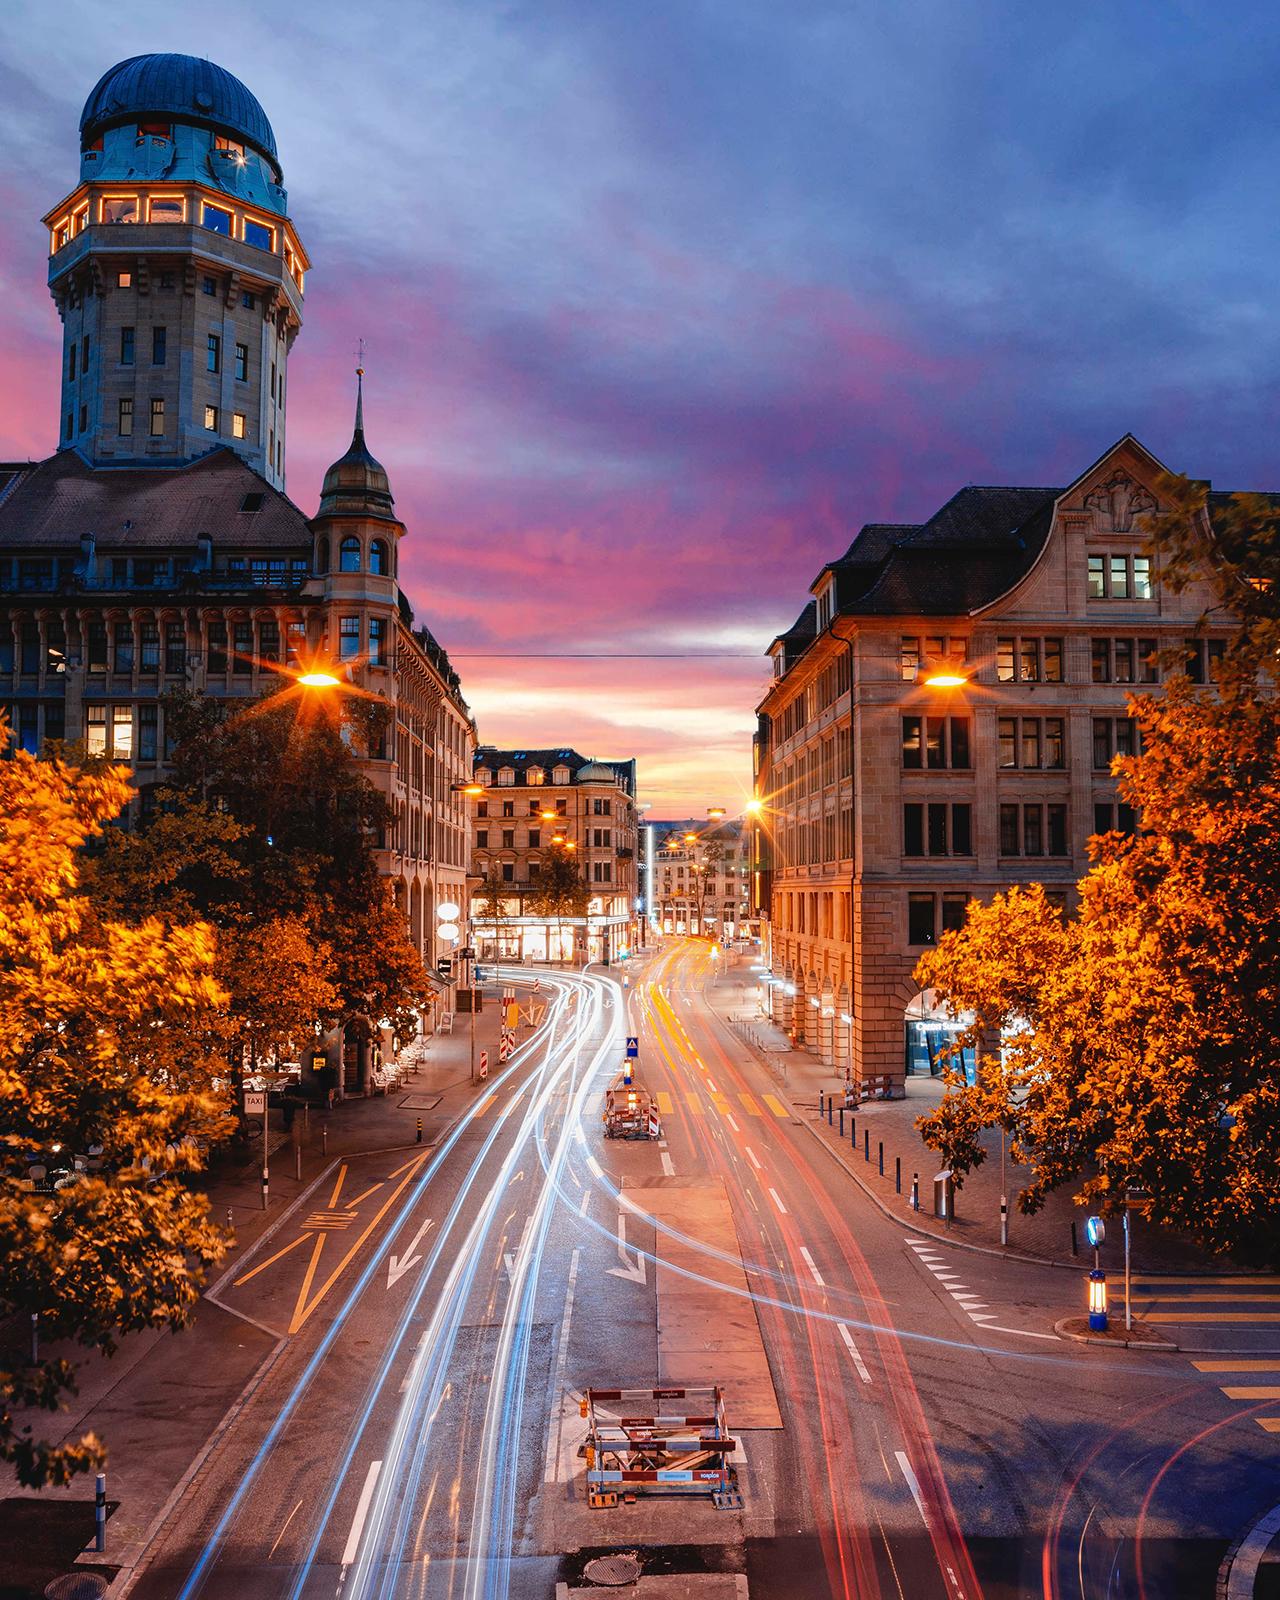 straat in stad met schemerlicht en strepen van verkeer vanaf hoog punt gefotografeerd